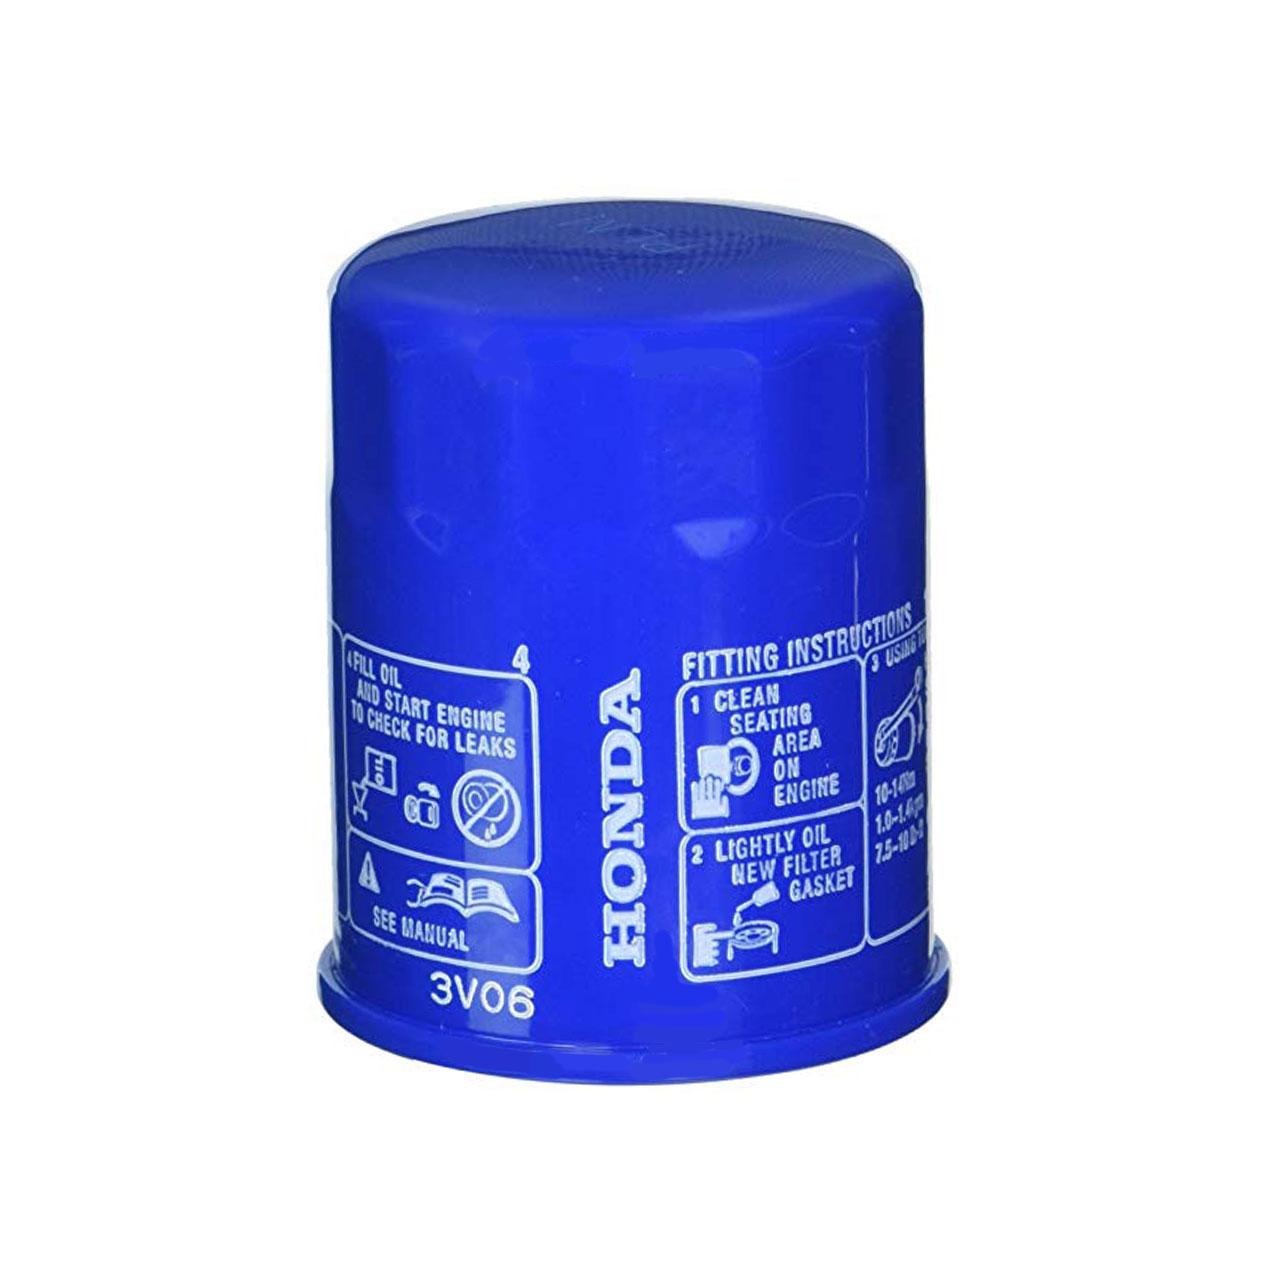 فیلتر روغن خودرو هوندا آکورد مدل CR-V مناسب برای هوندا سیویک و آکورد